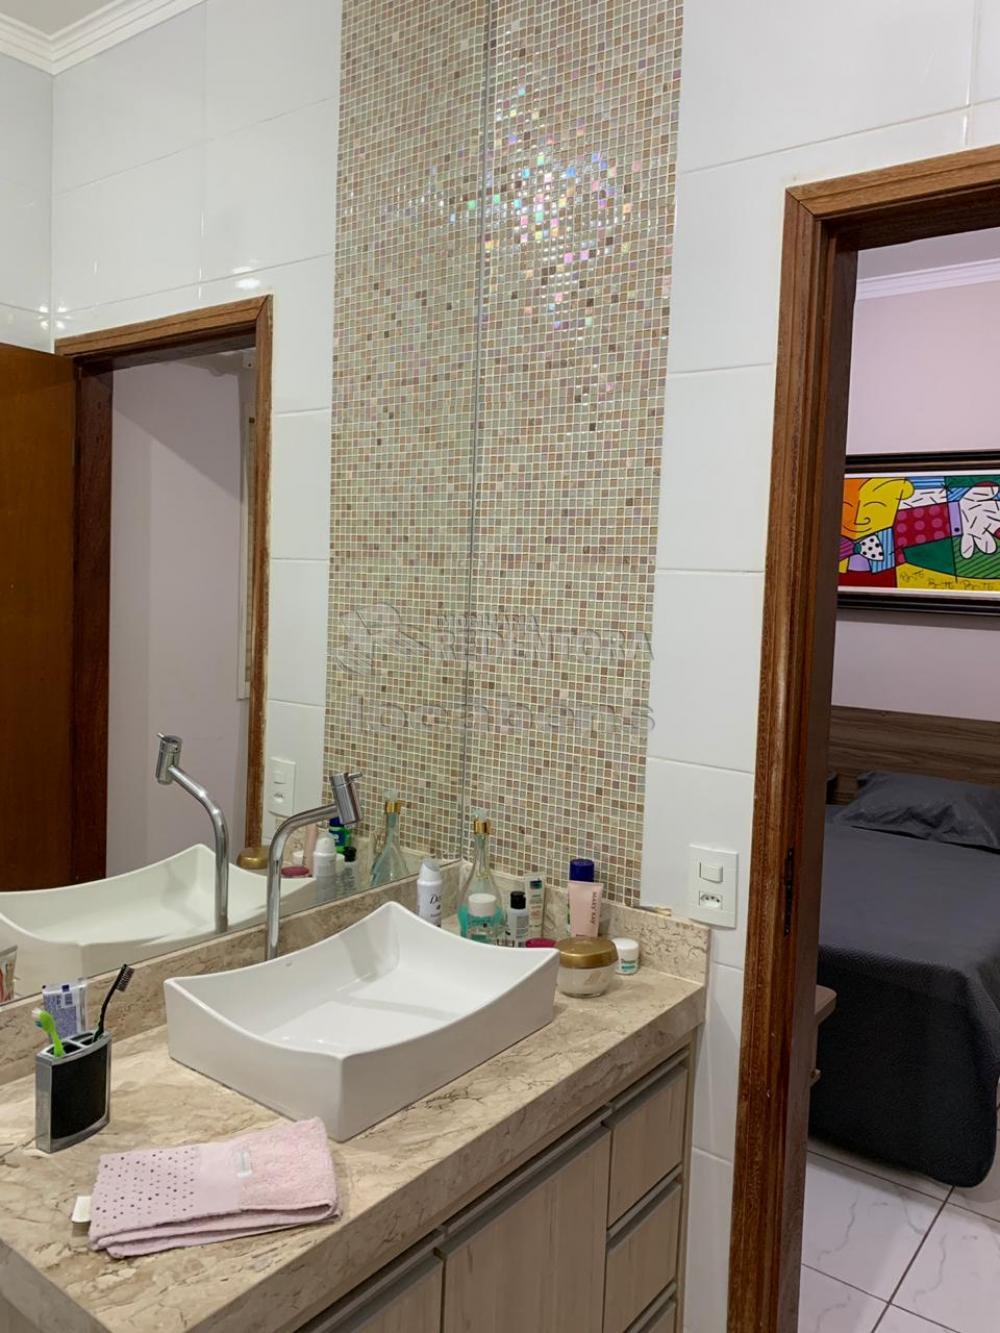 Comprar Casa / Padrão em Bady Bassitt R$ 370.000,00 - Foto 5